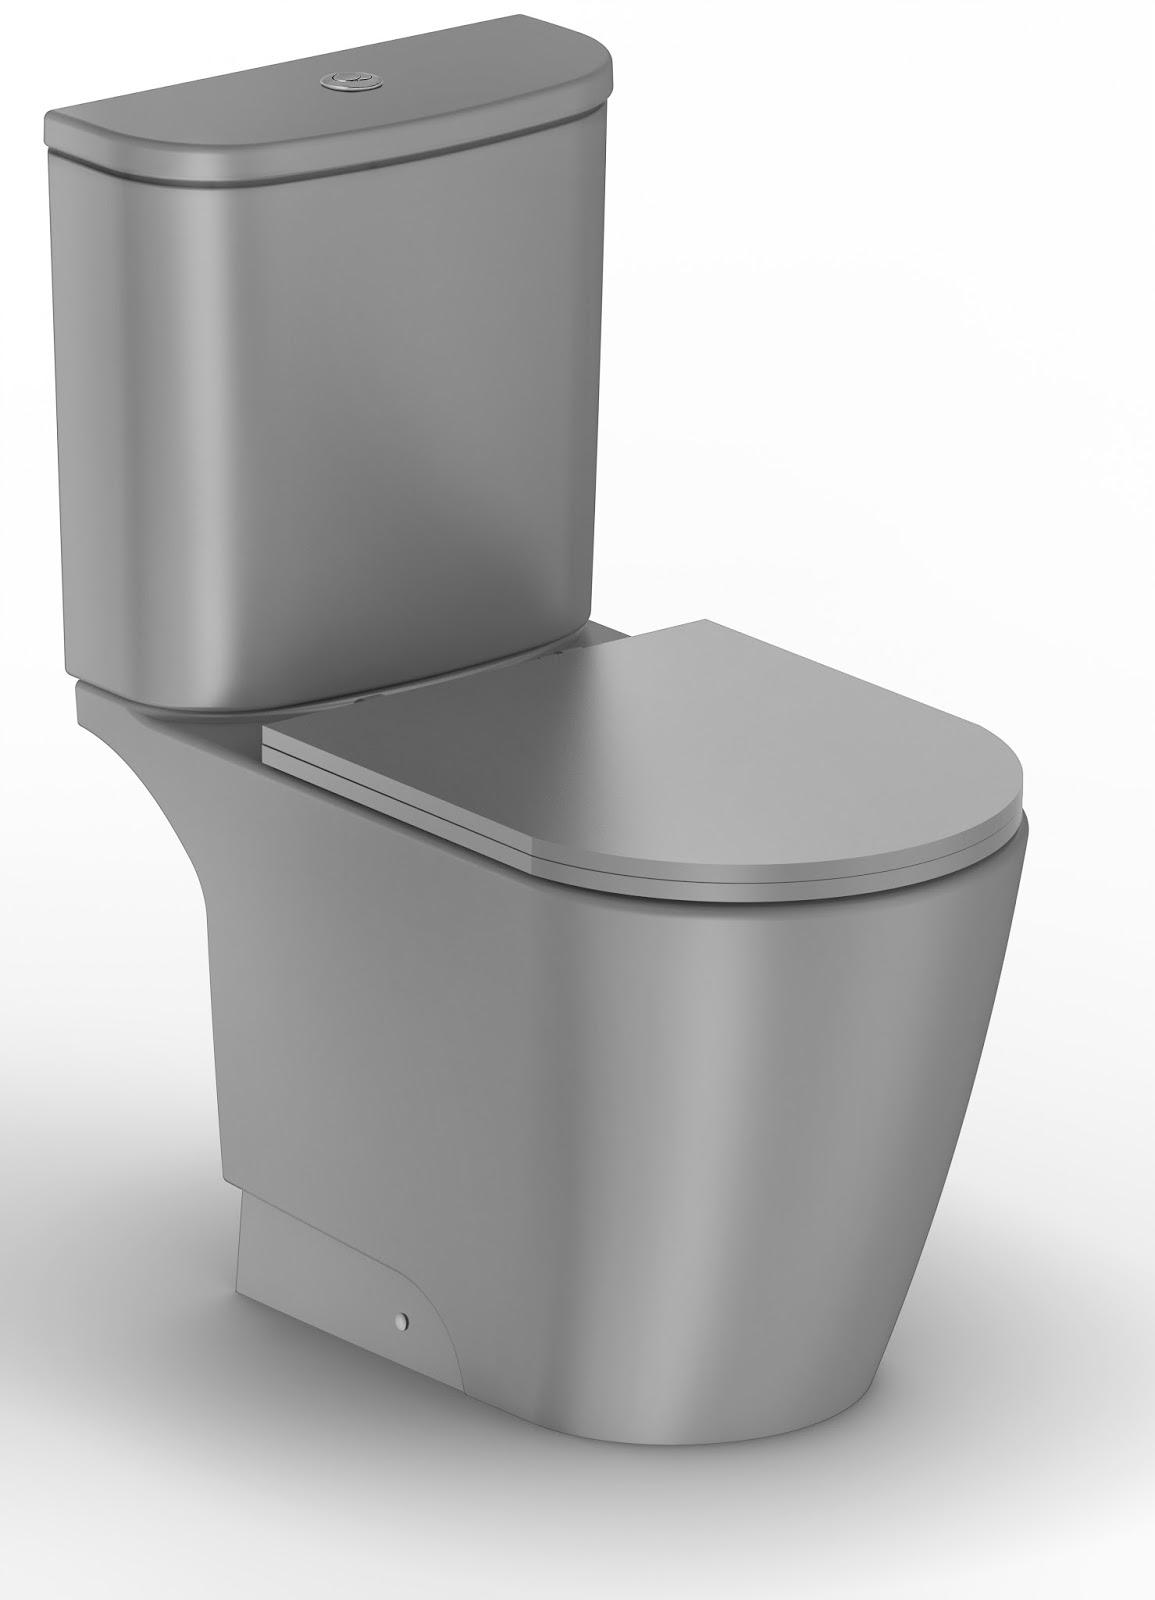 Incepa Ibiza toilet seat, White - Contemporary - Toilet